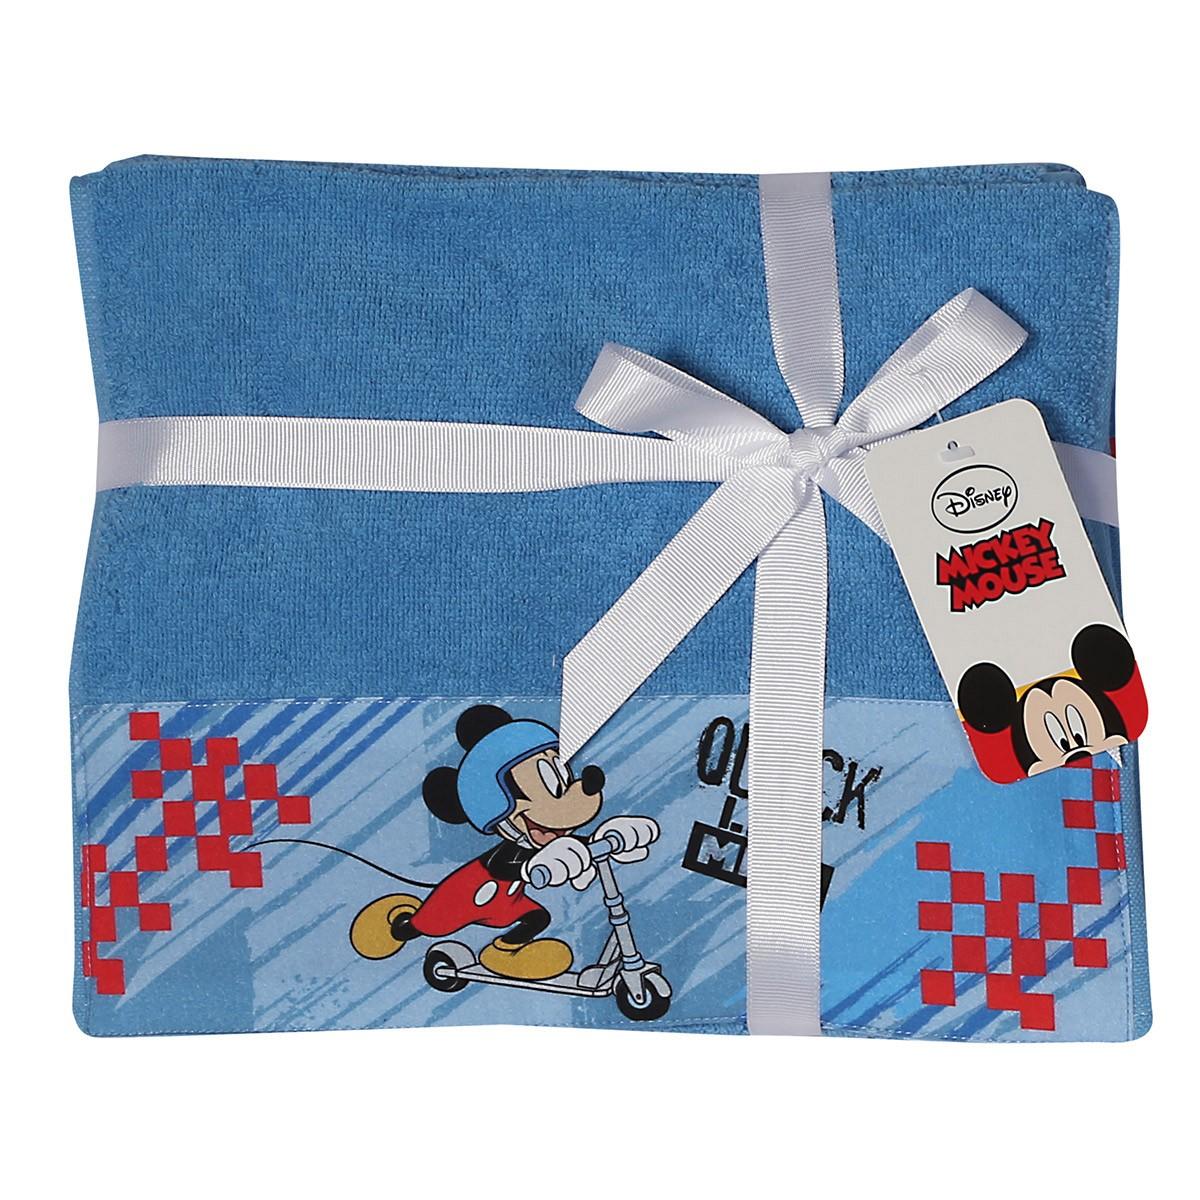 Παιδικές Πετσέτες (Σετ 2τμχ) Nef-Nef Disney Quick Like Mickey home   παιδικά   πετσέτες παιδικές